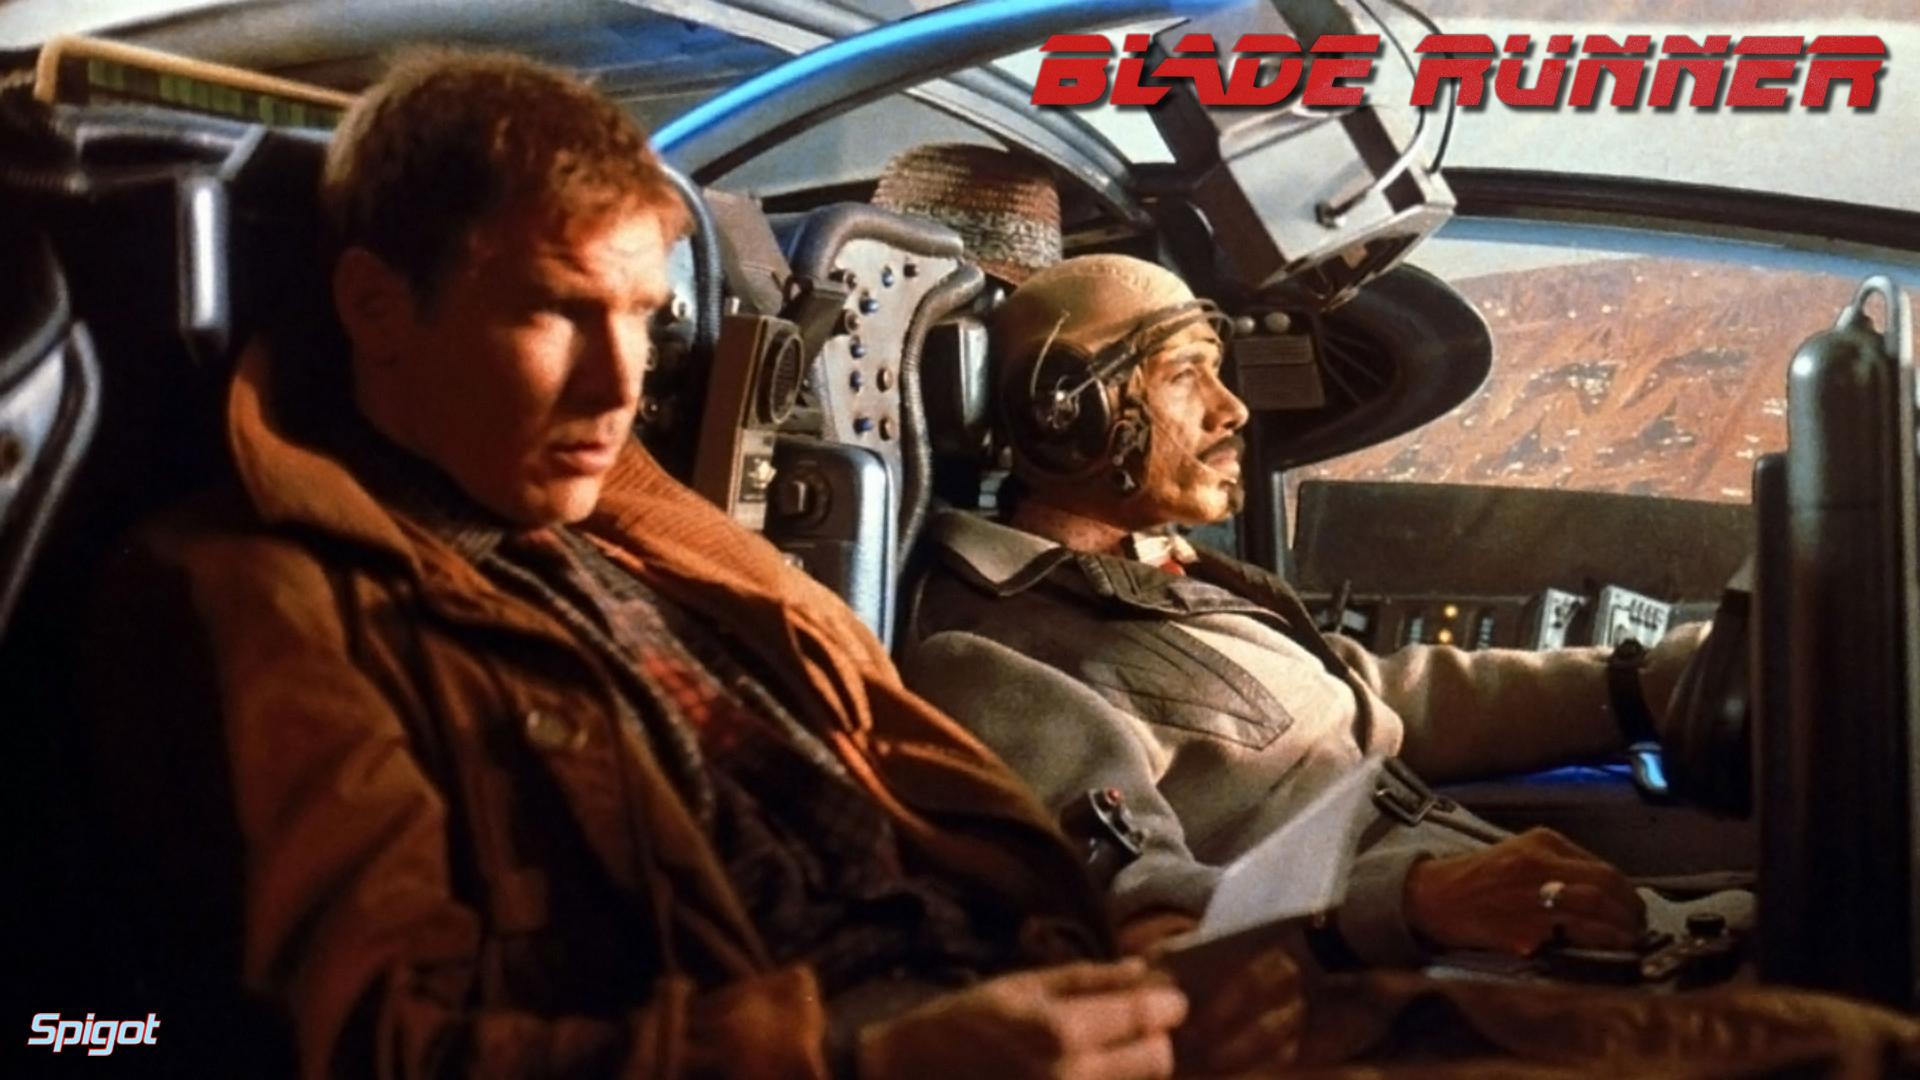 Blade runner george spigot 39 s blog for Blade runner